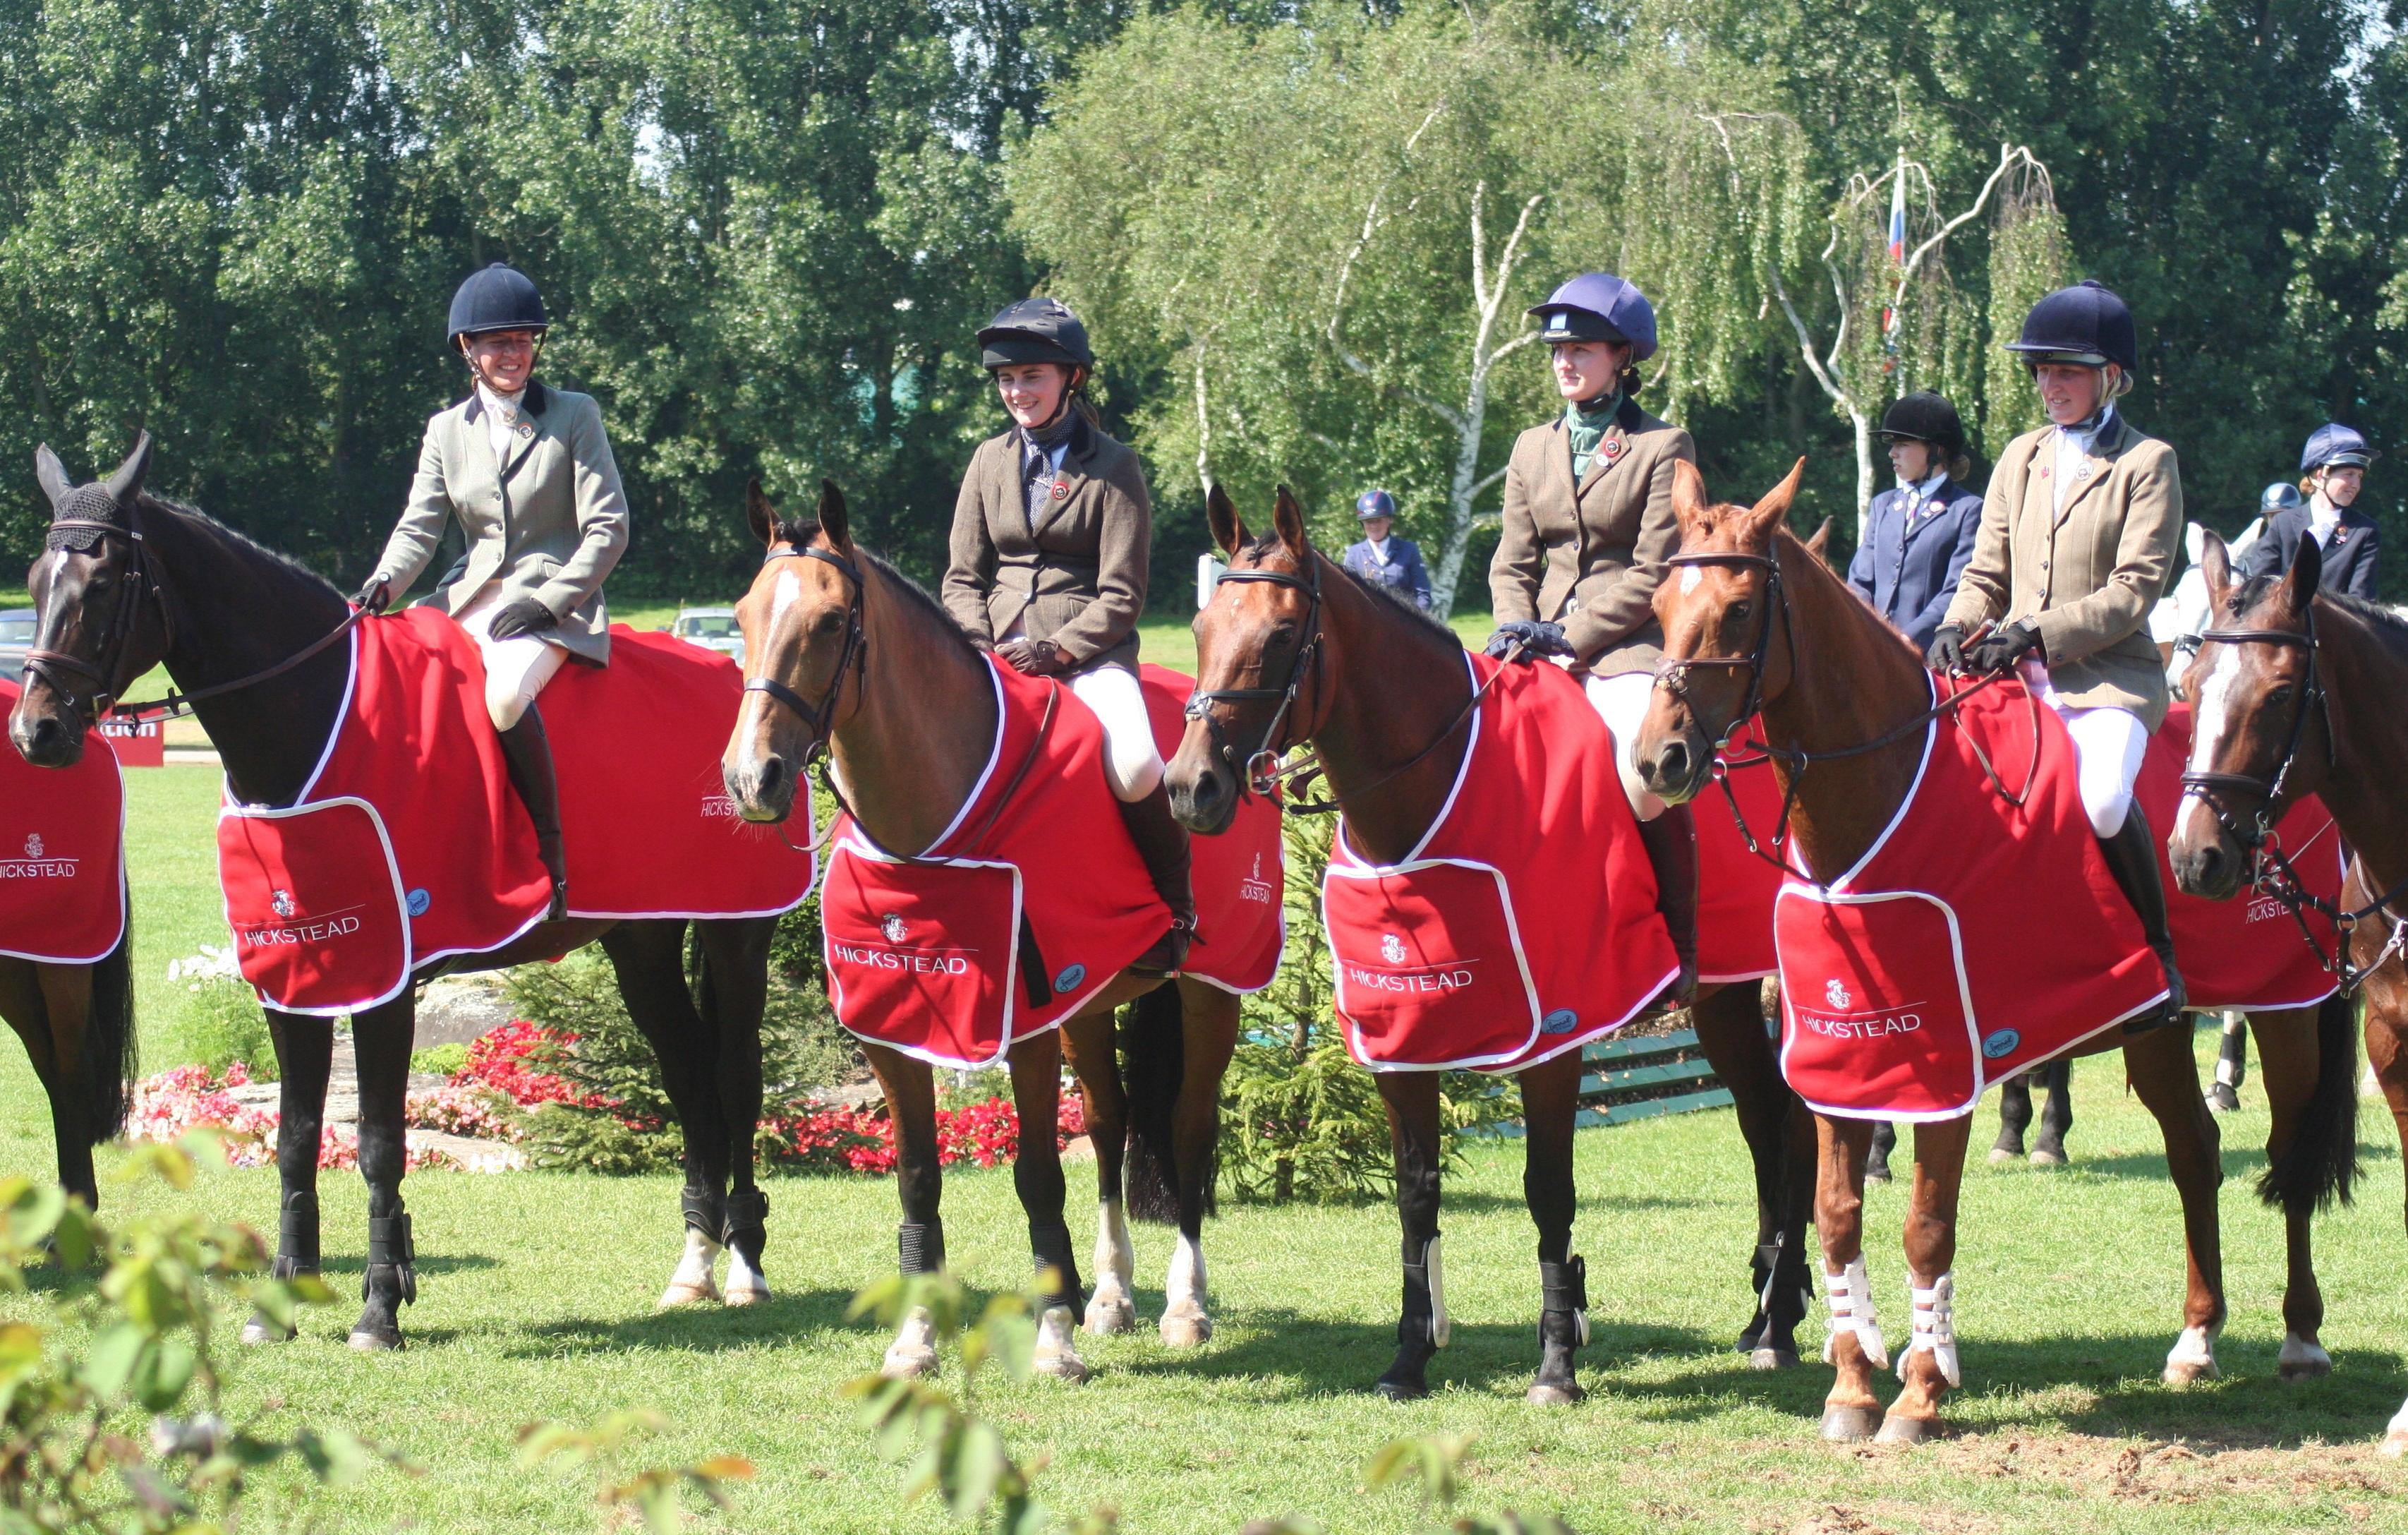 hickstead-2012-1